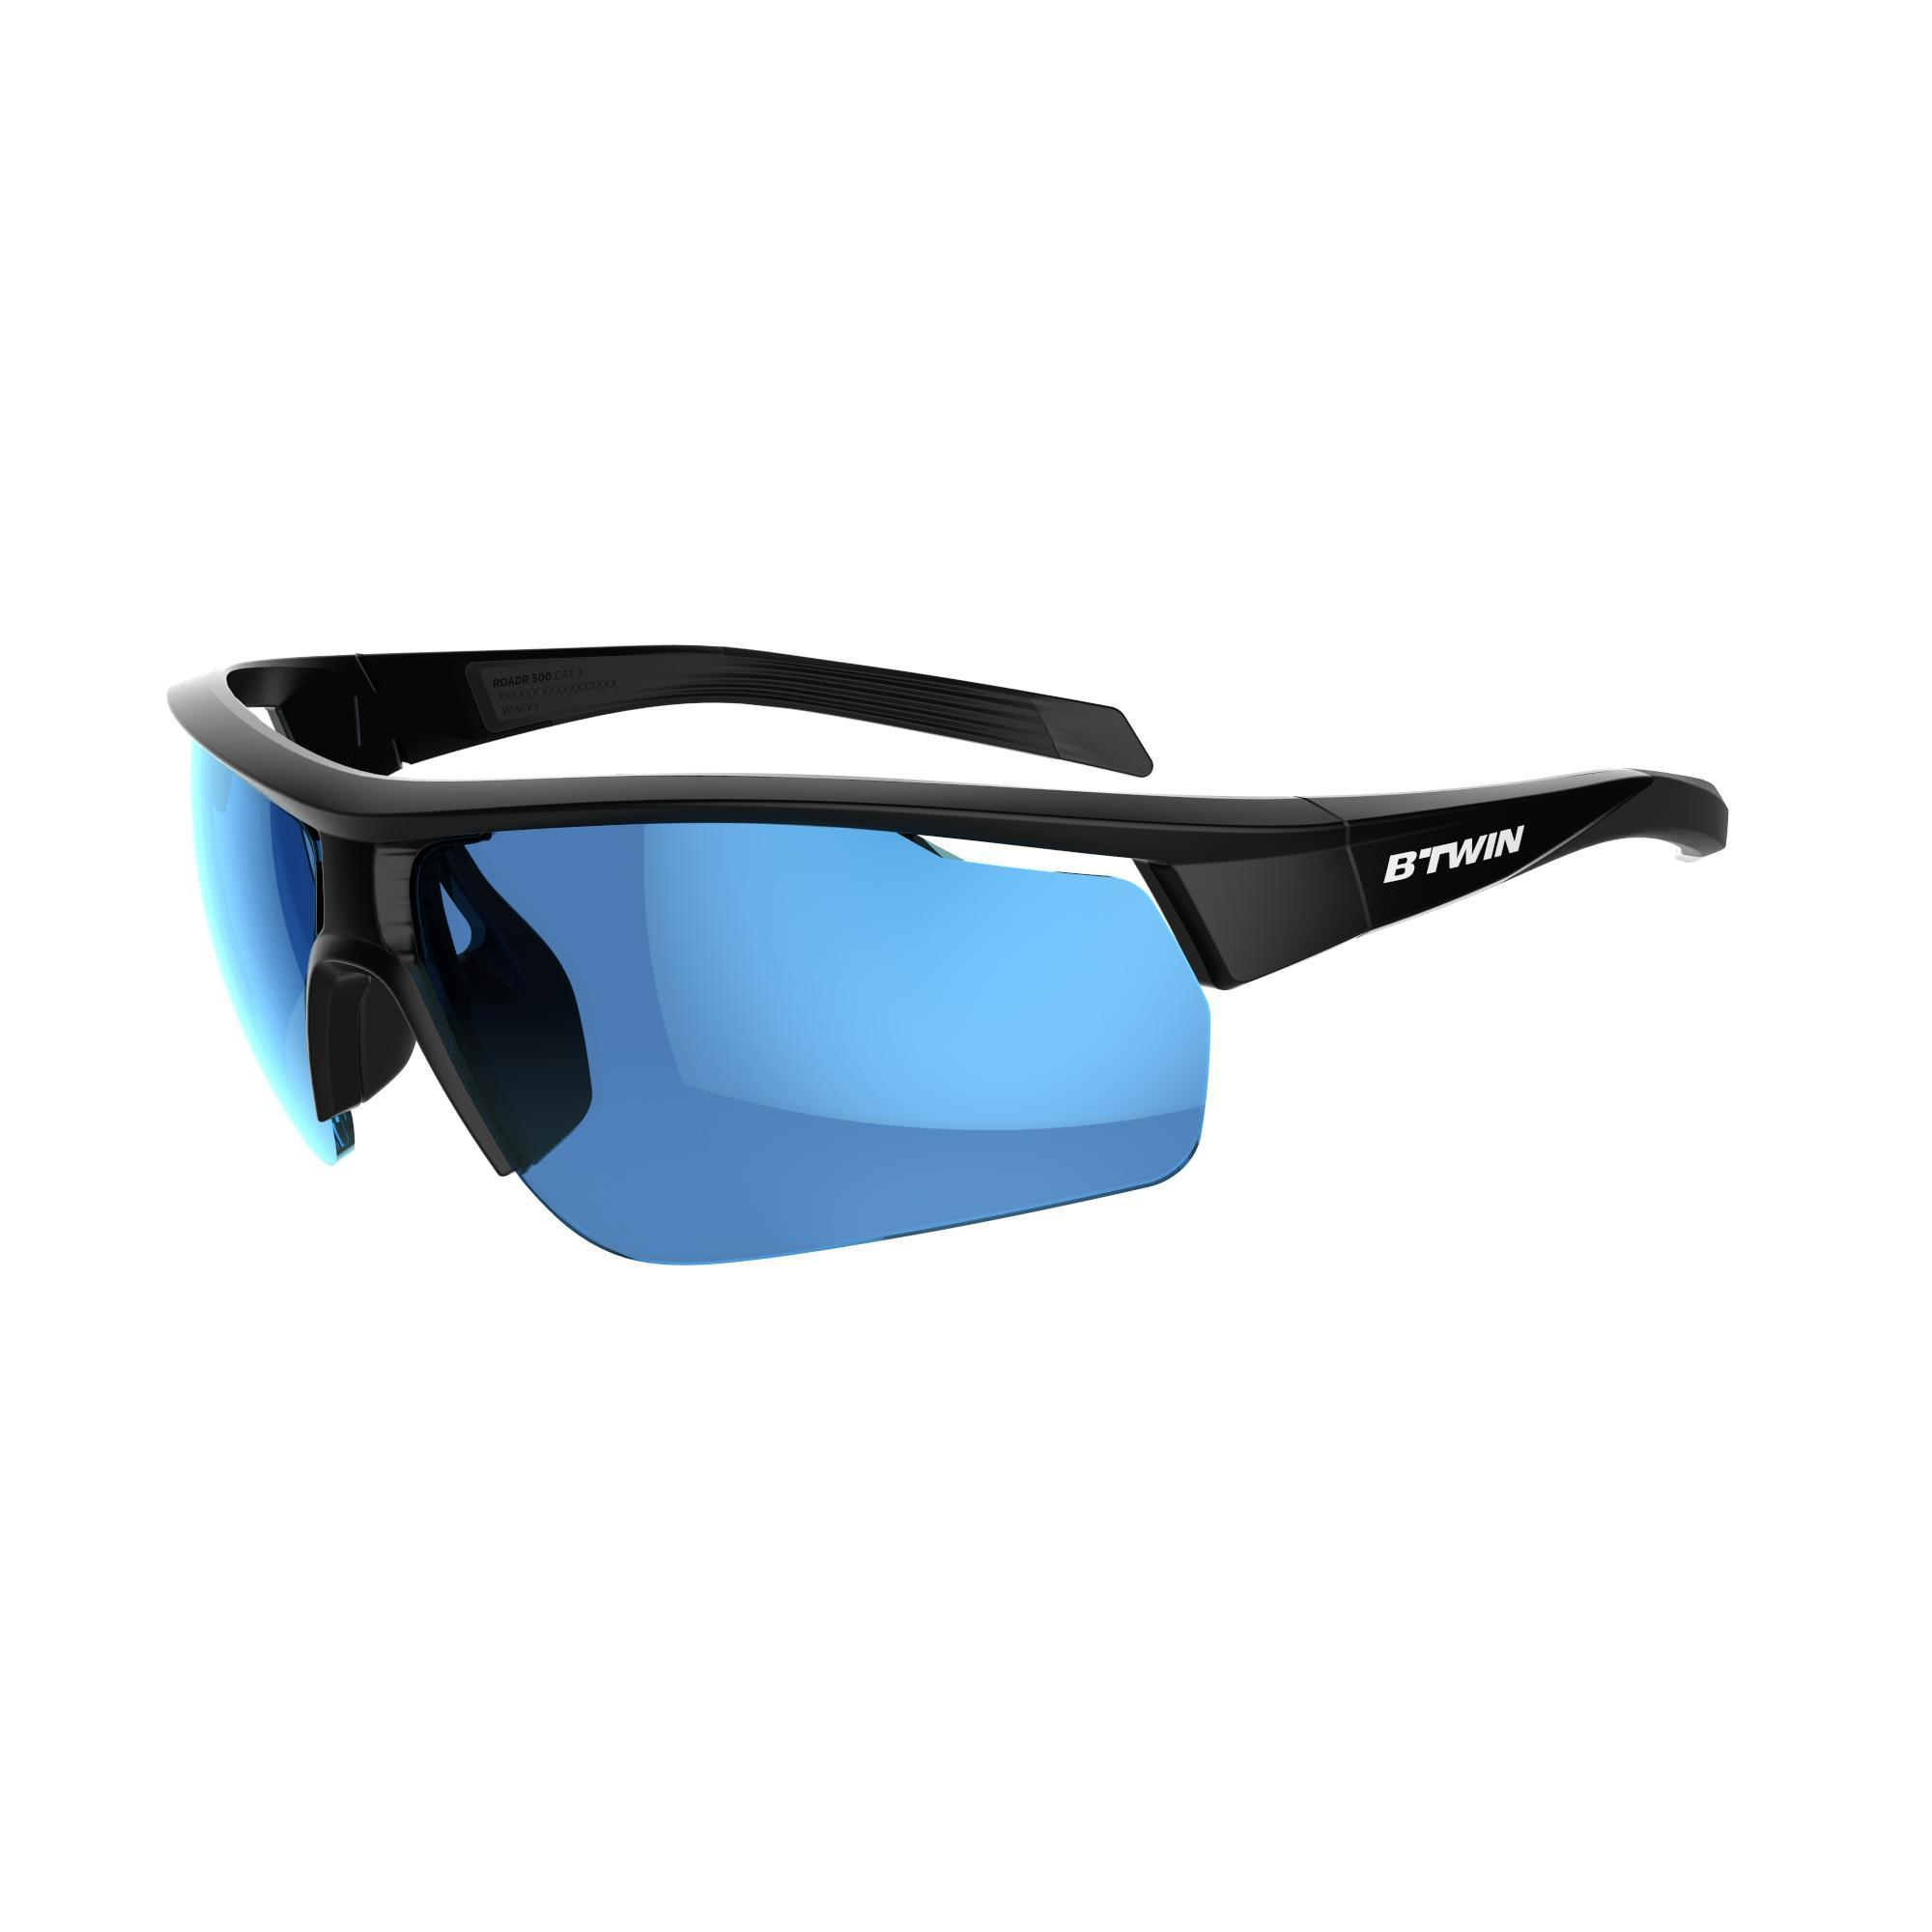 Comprar Gafas de Ciclismo   Decathlon a02a471dcd